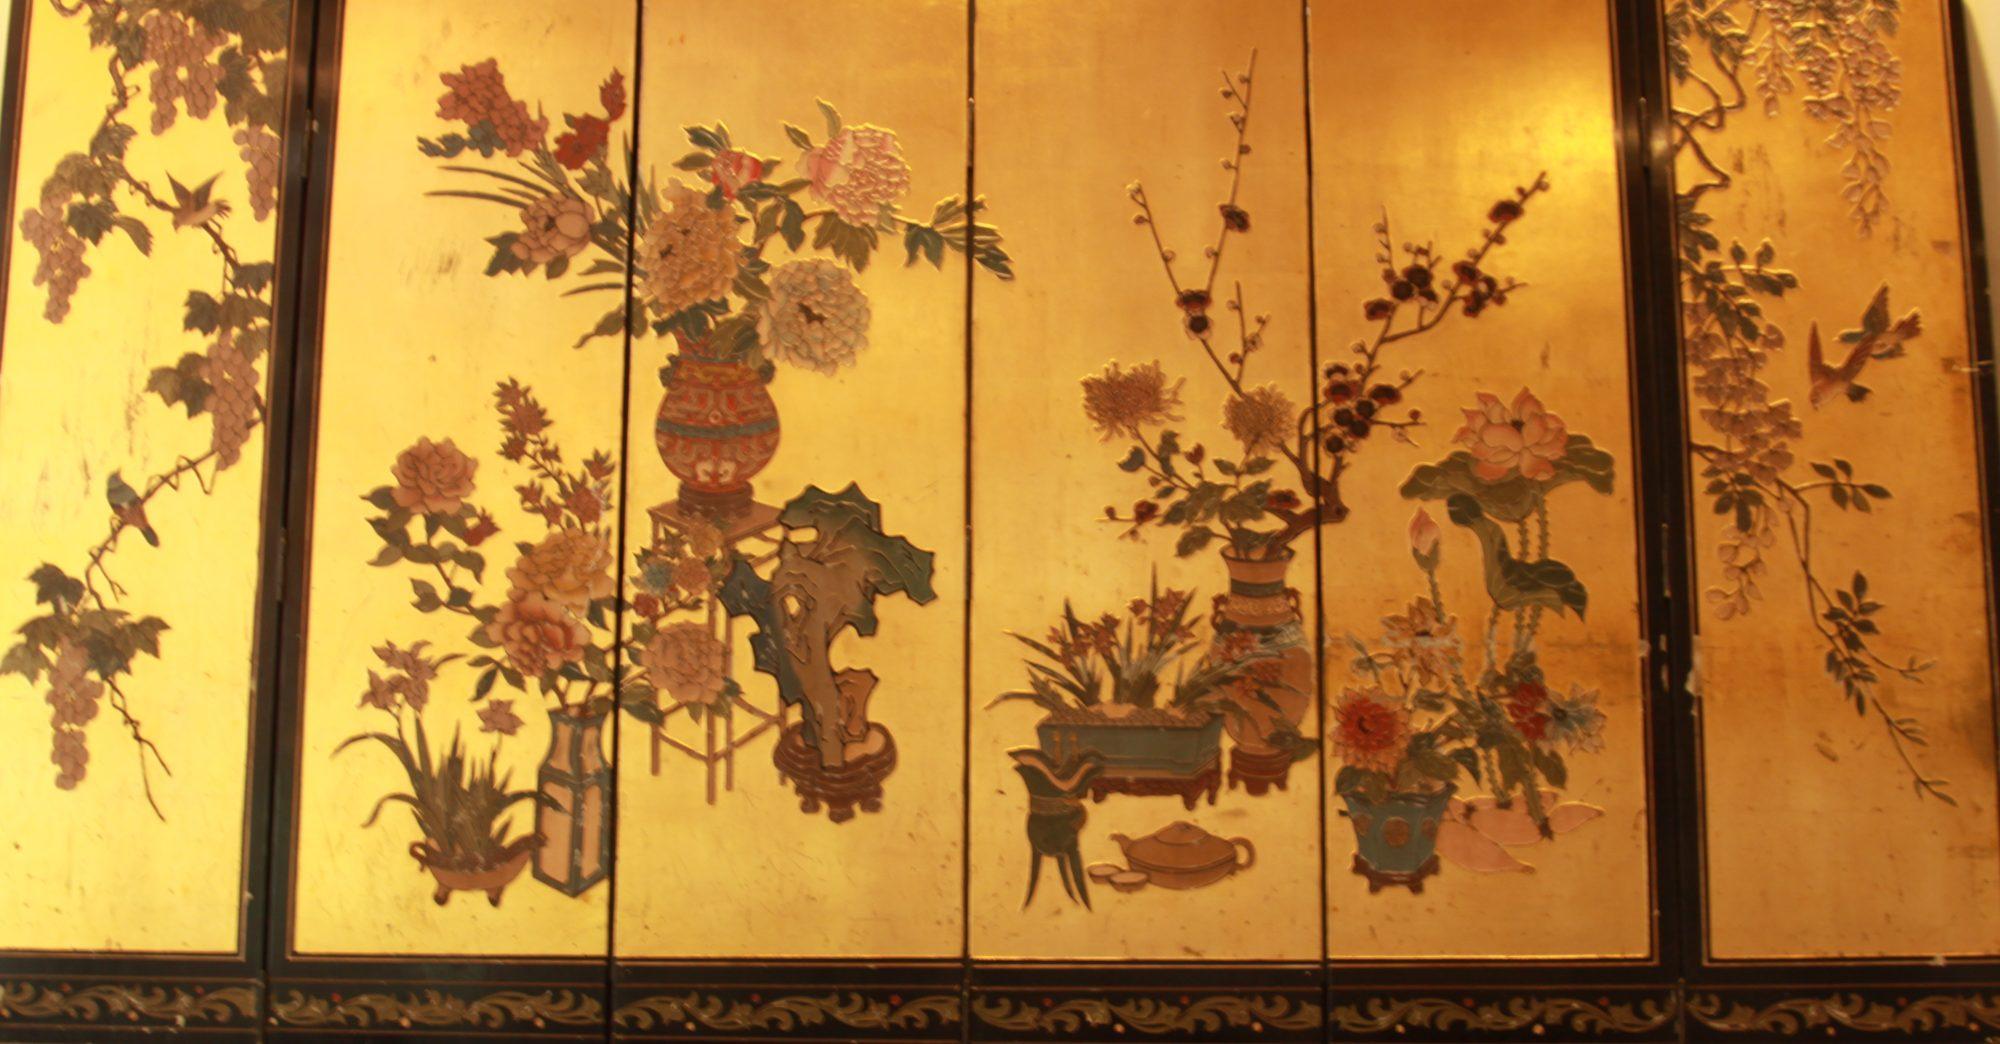 OREN Asian Restaurant